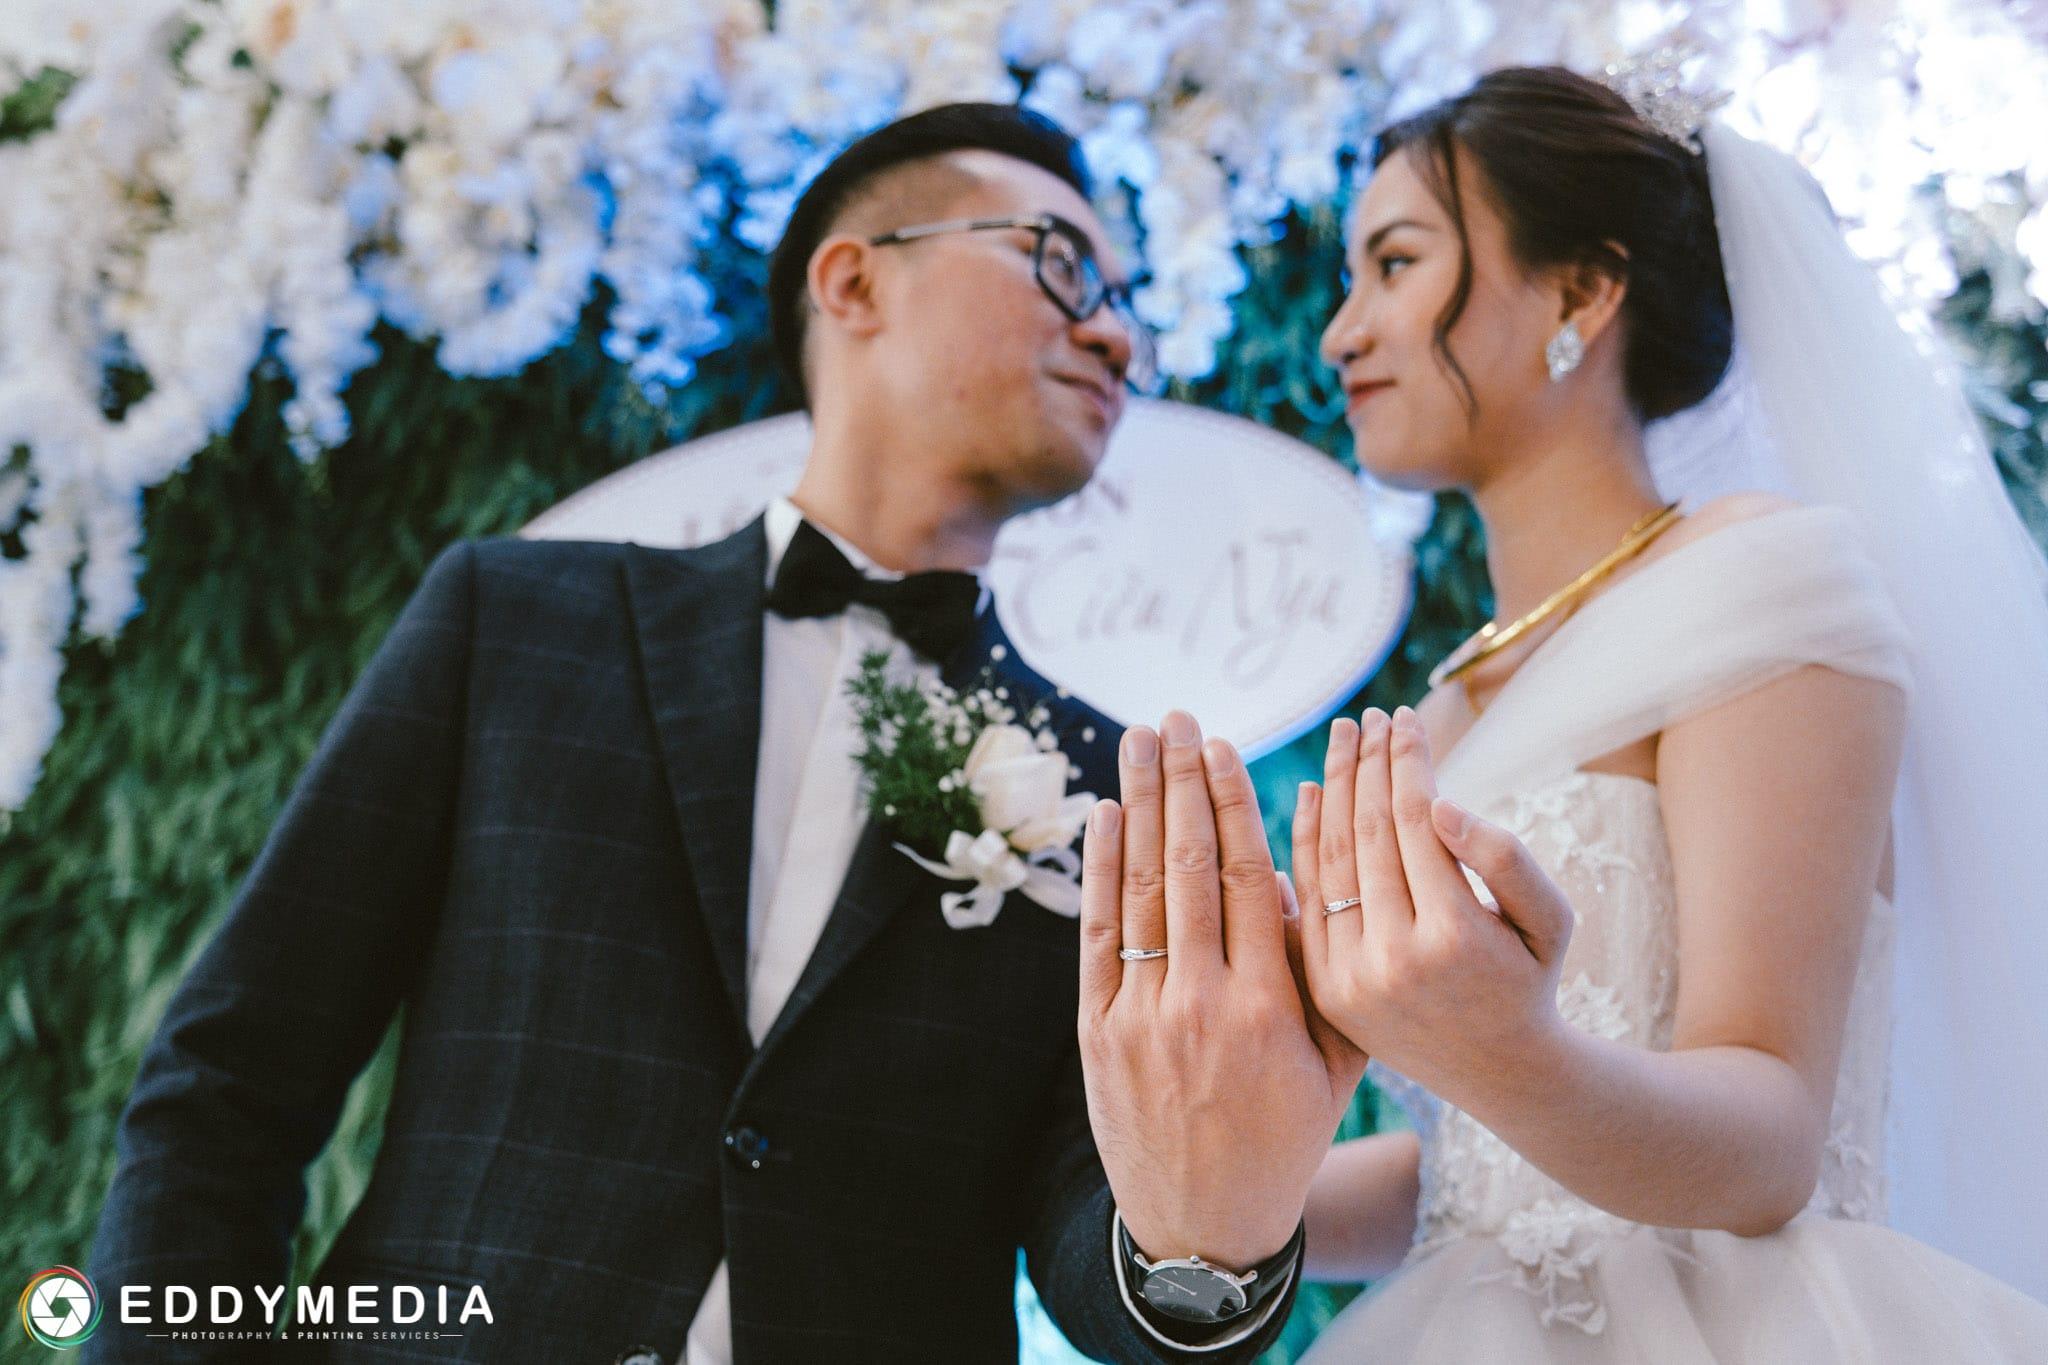 Trai 30 tuổi có nên lấy vợ?